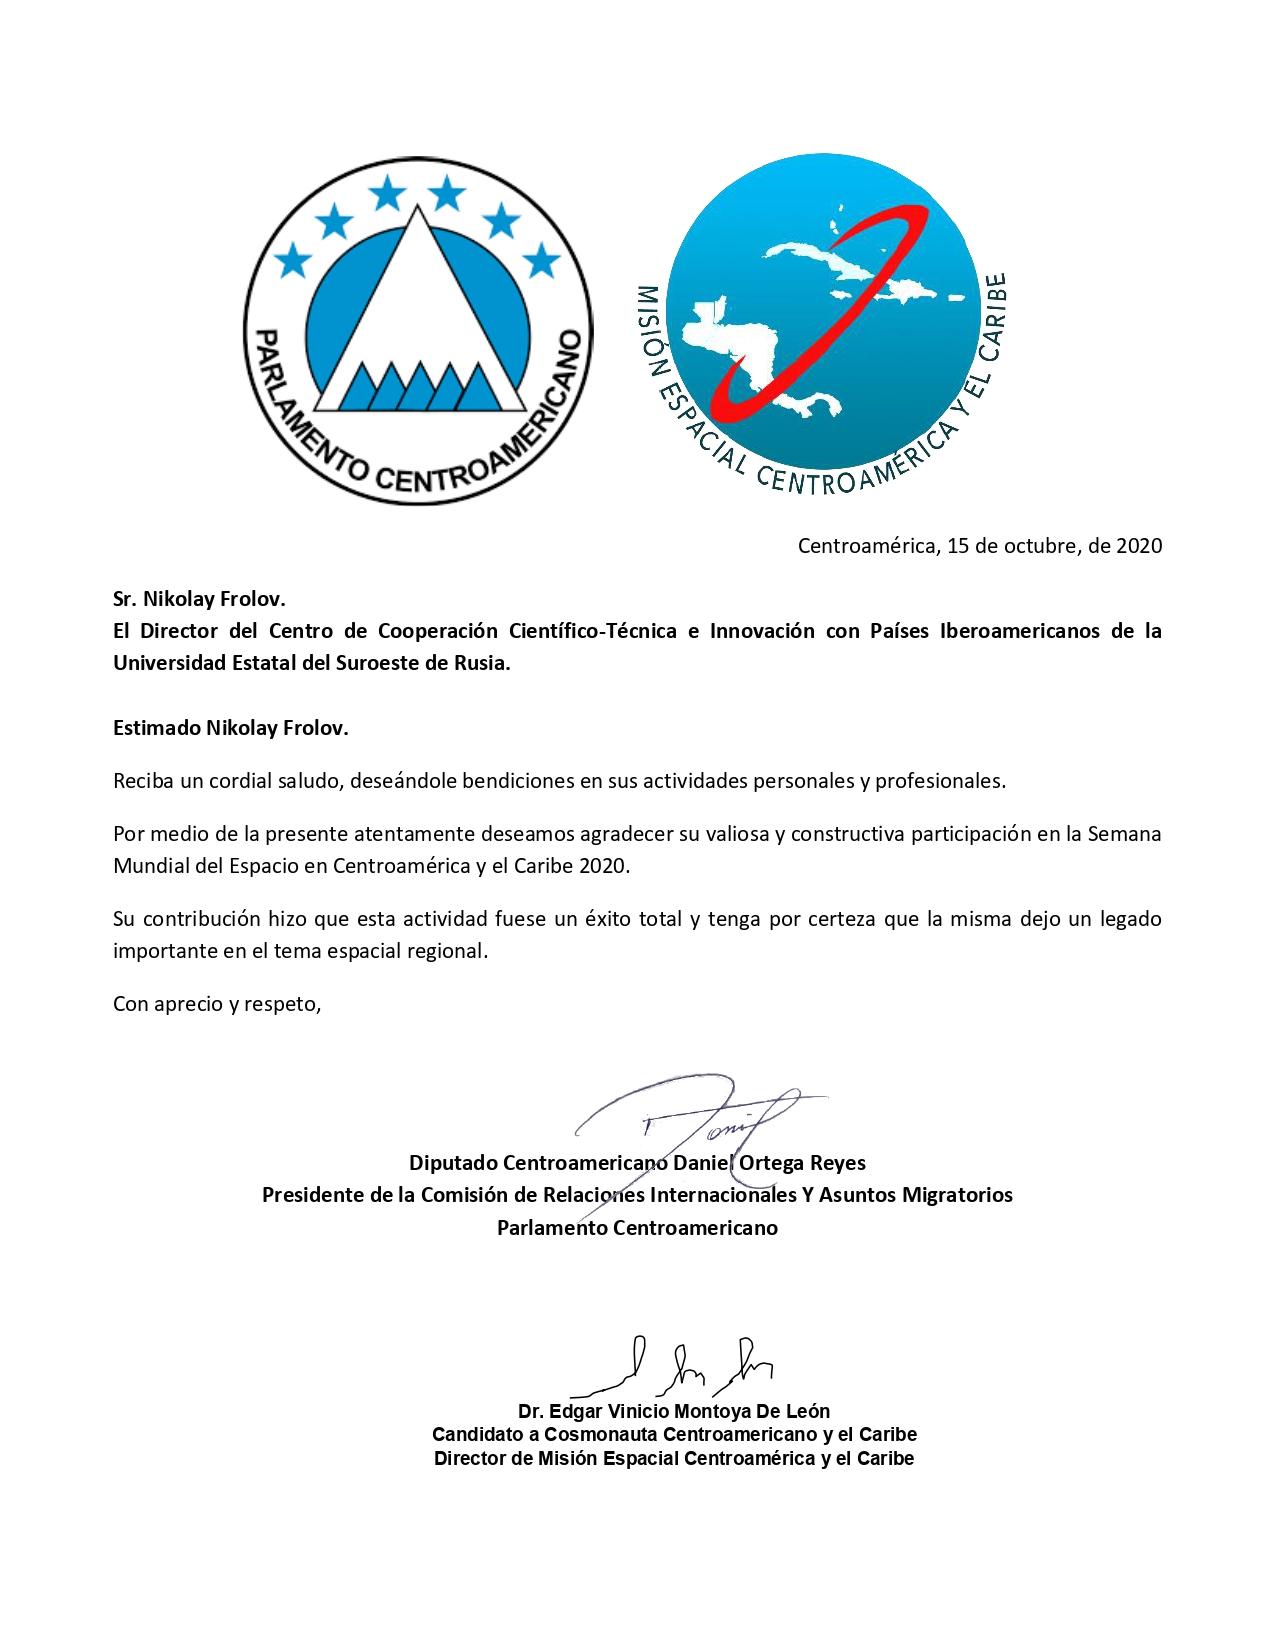 Carta de Agradecimiento PARLACEN Y Misión Espacial Centroamérica y El Caribe